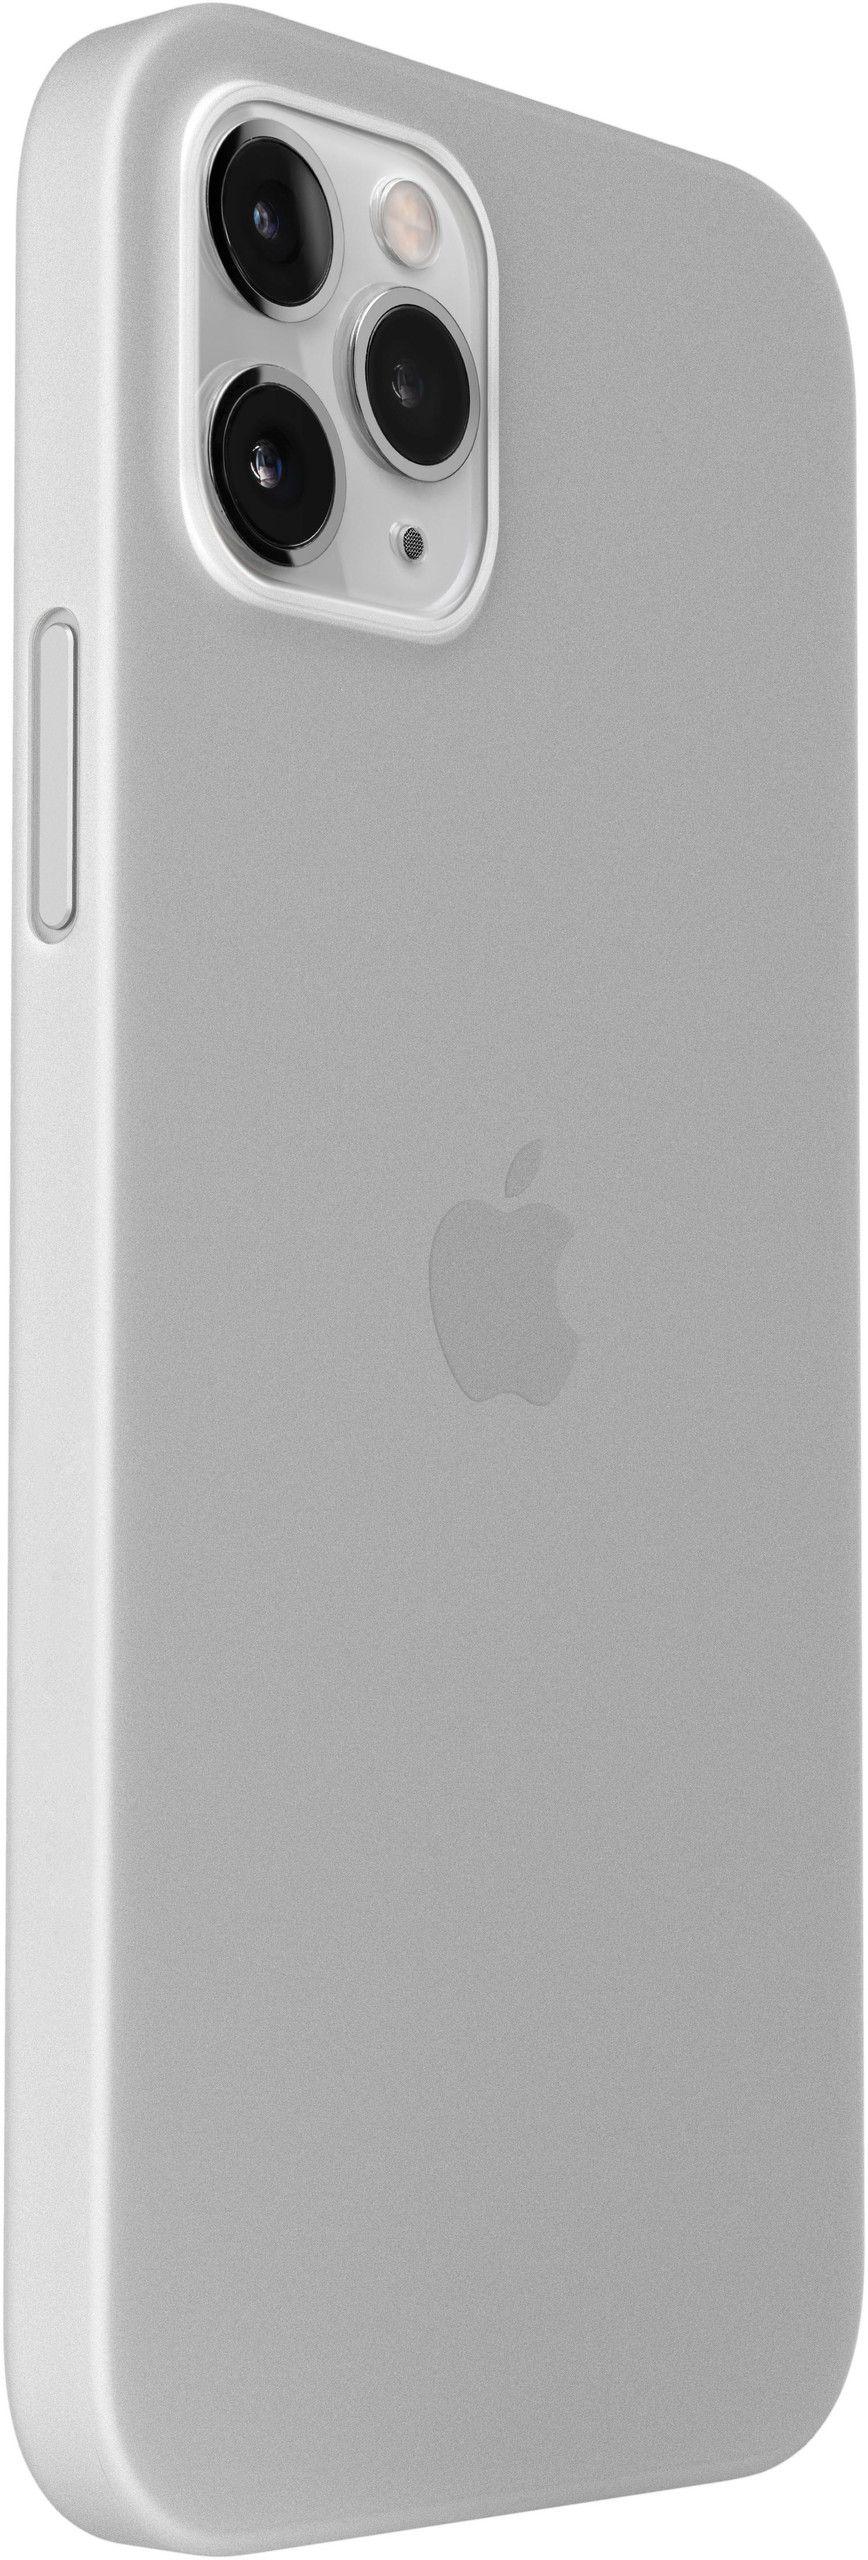 Laut Slimskin (iPhone 12 Pro Max) - Svart